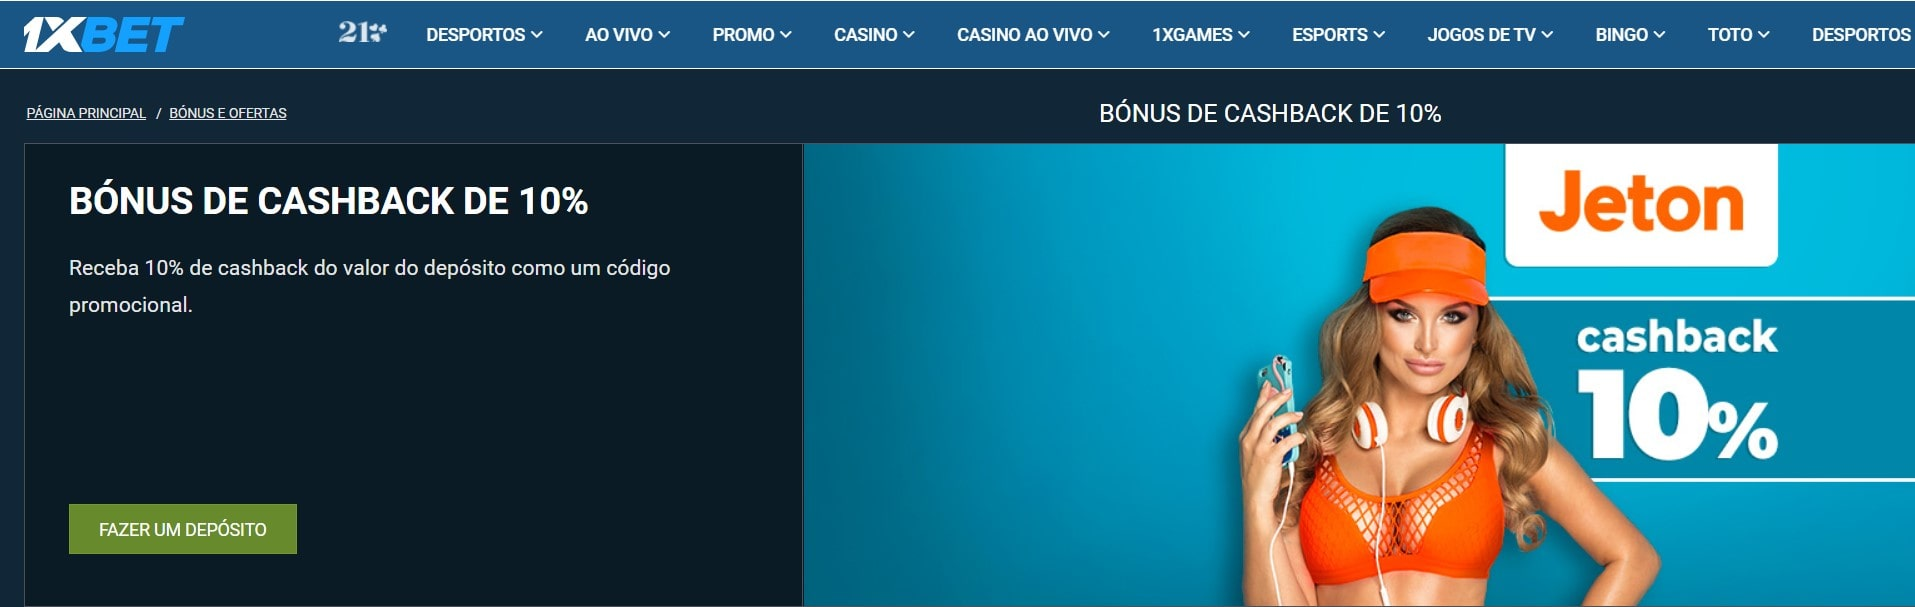 bônus de cashback de 10%